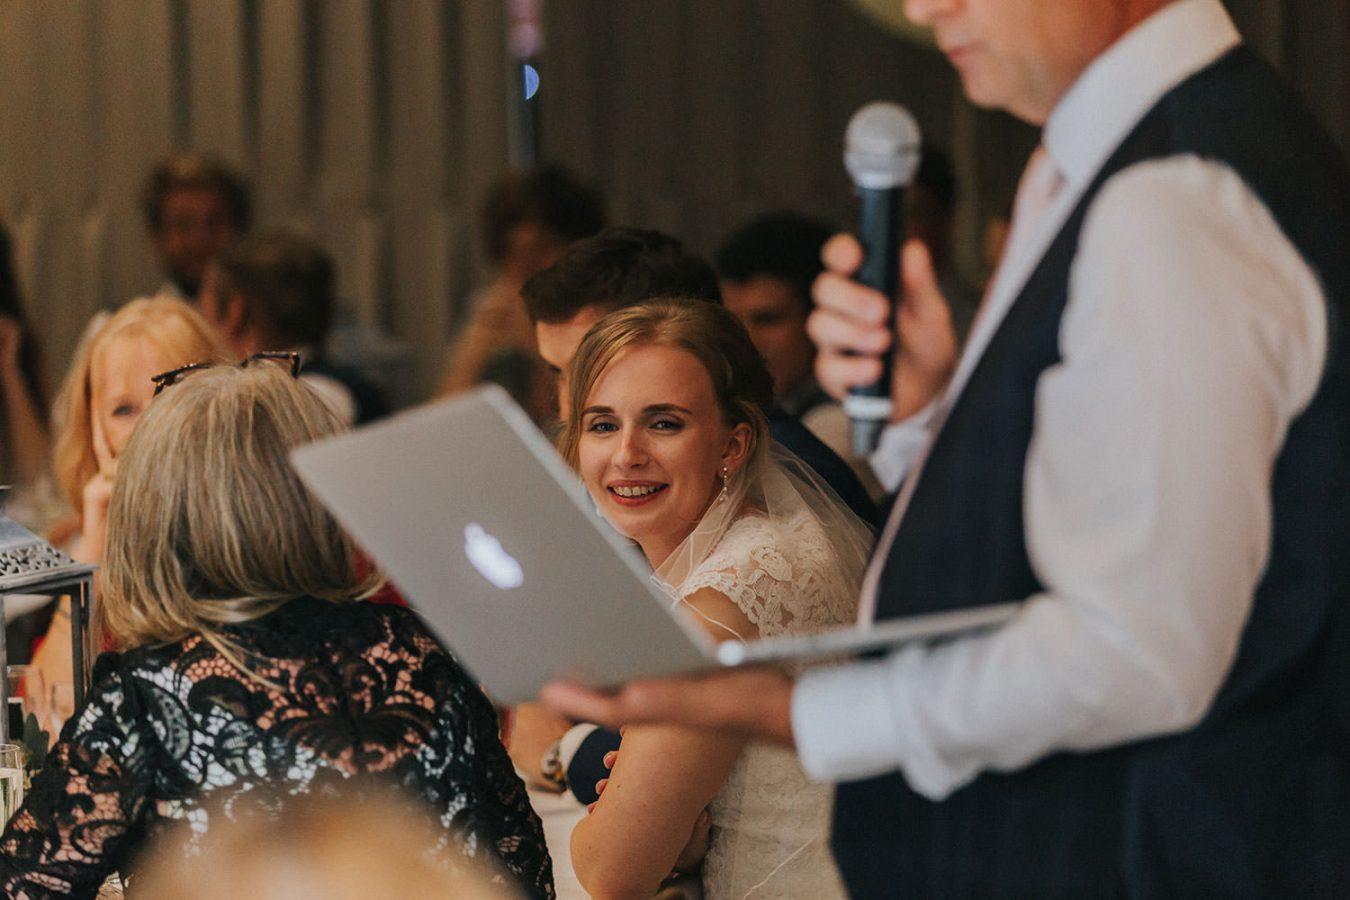 copdock-hall-wedding-photography-046